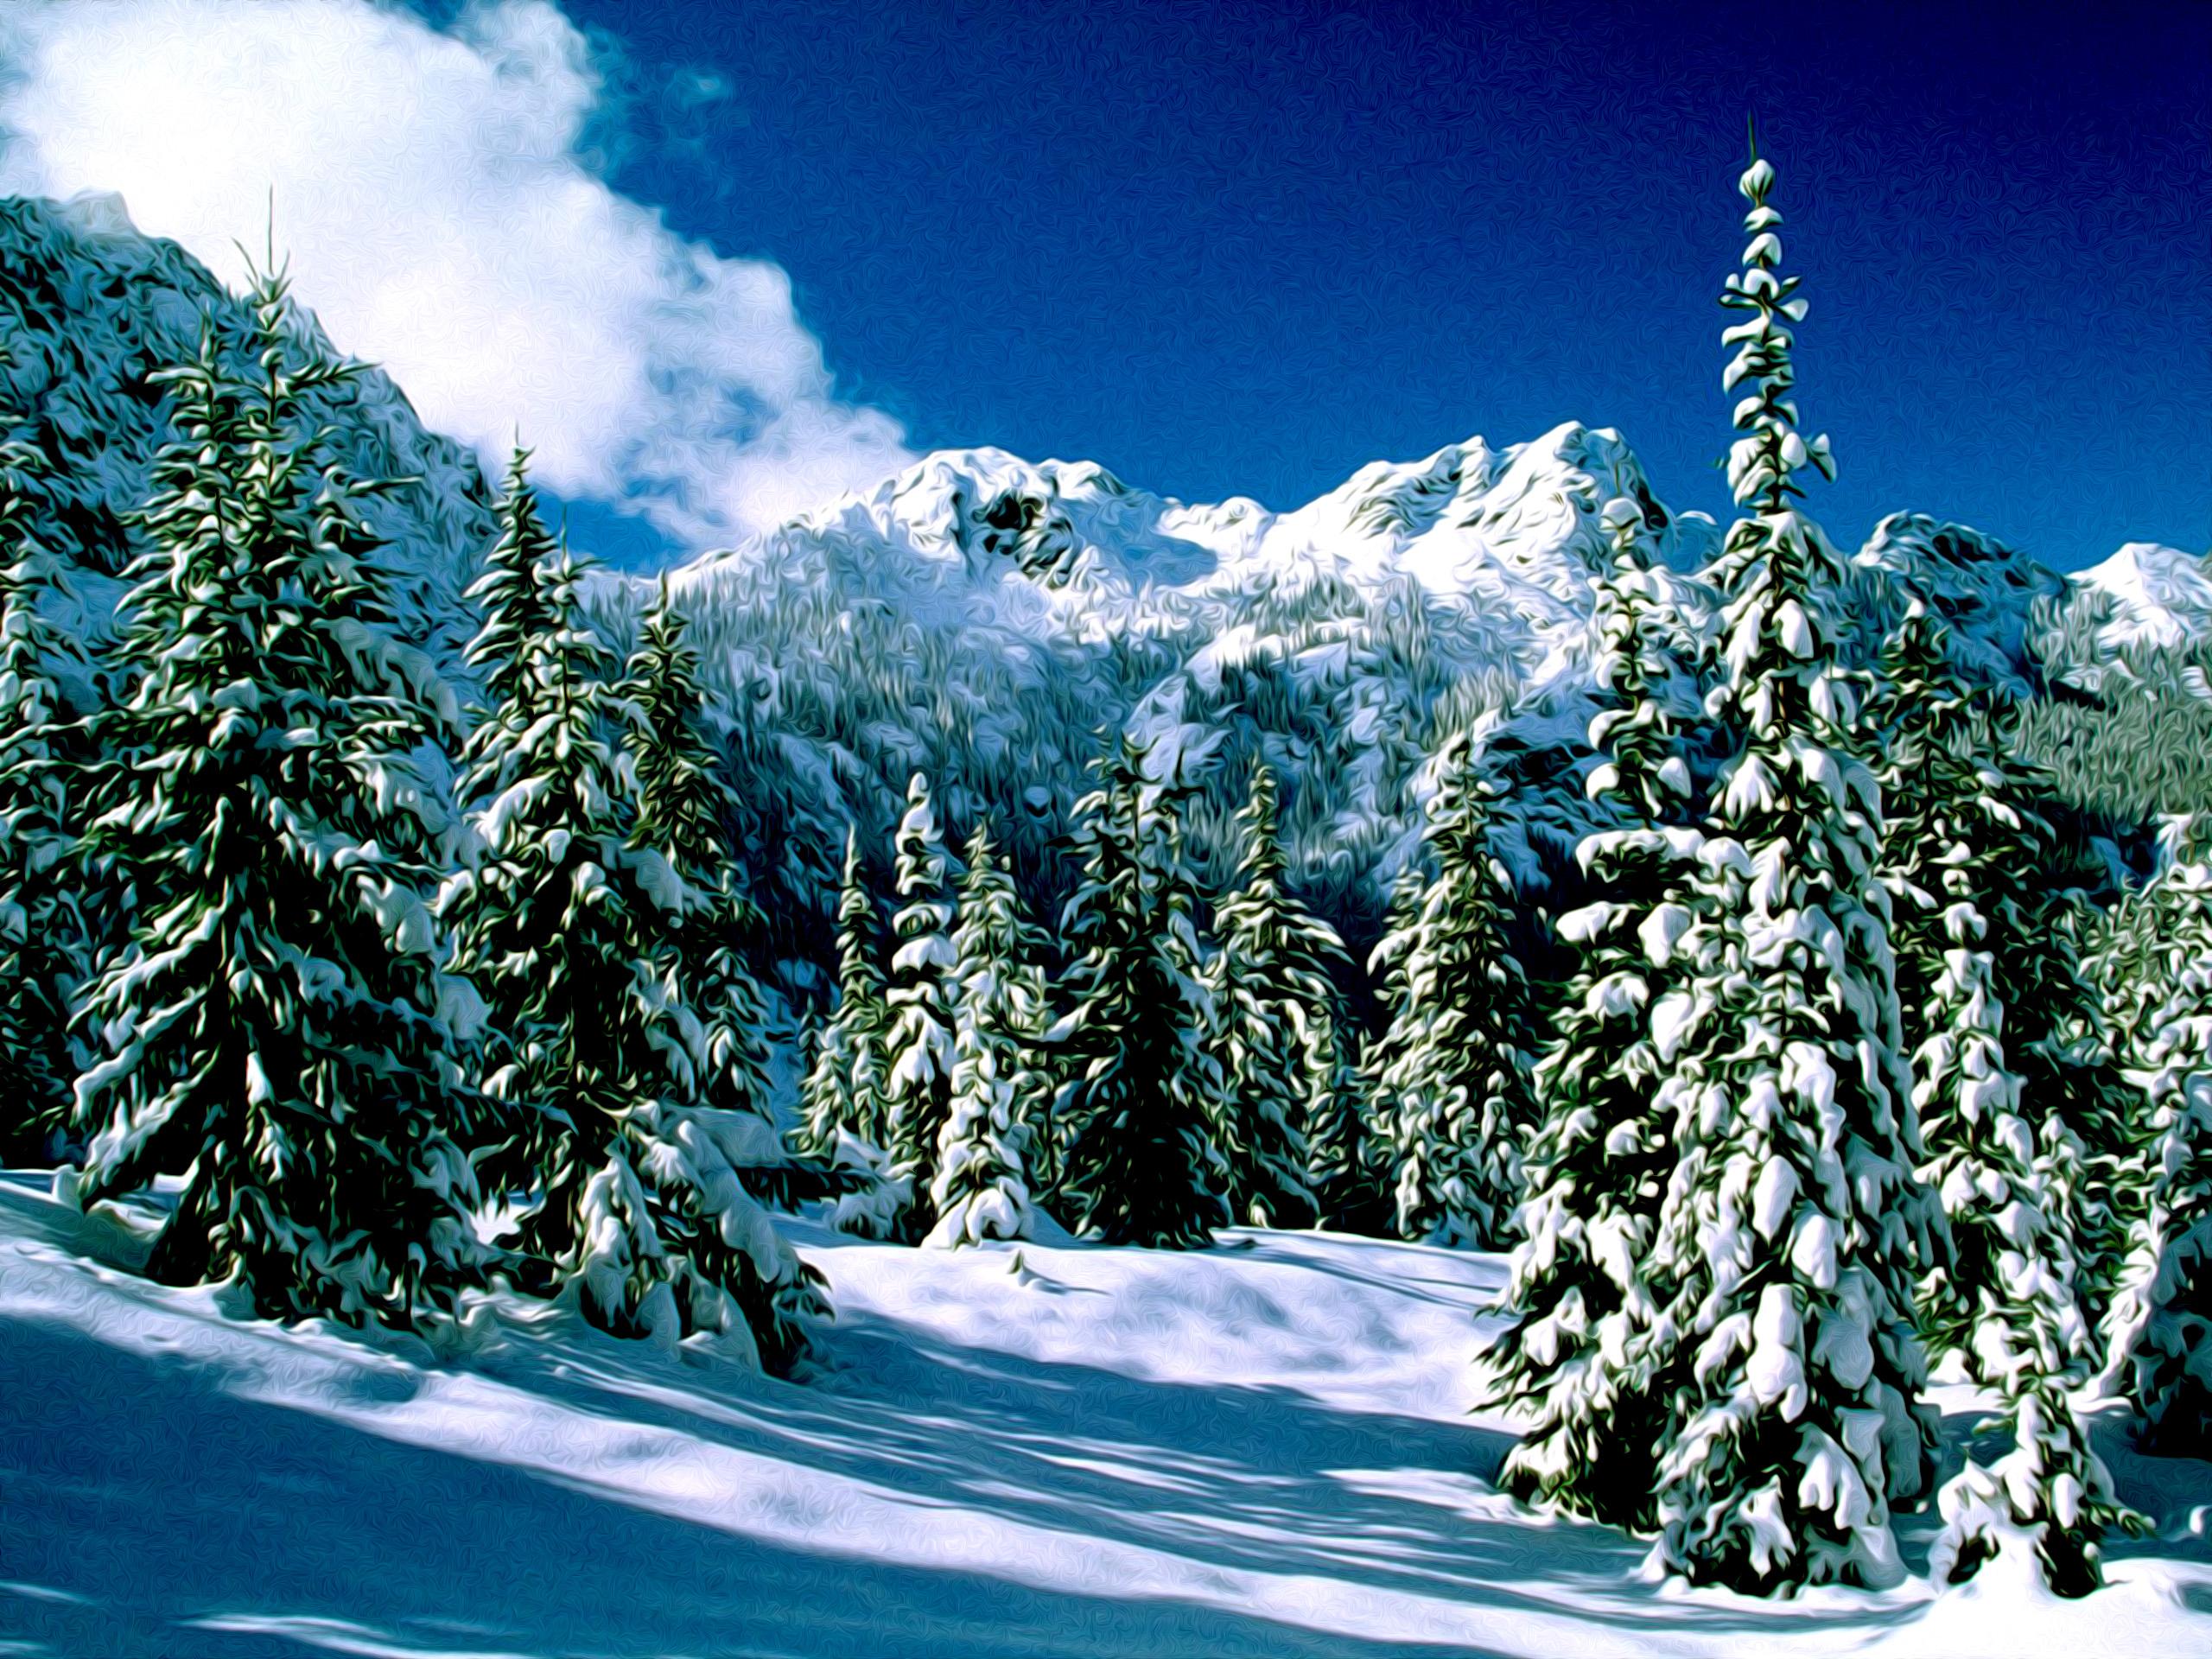 Winter Nature Snow Scene Desktop Wallpapers for 2560x1920